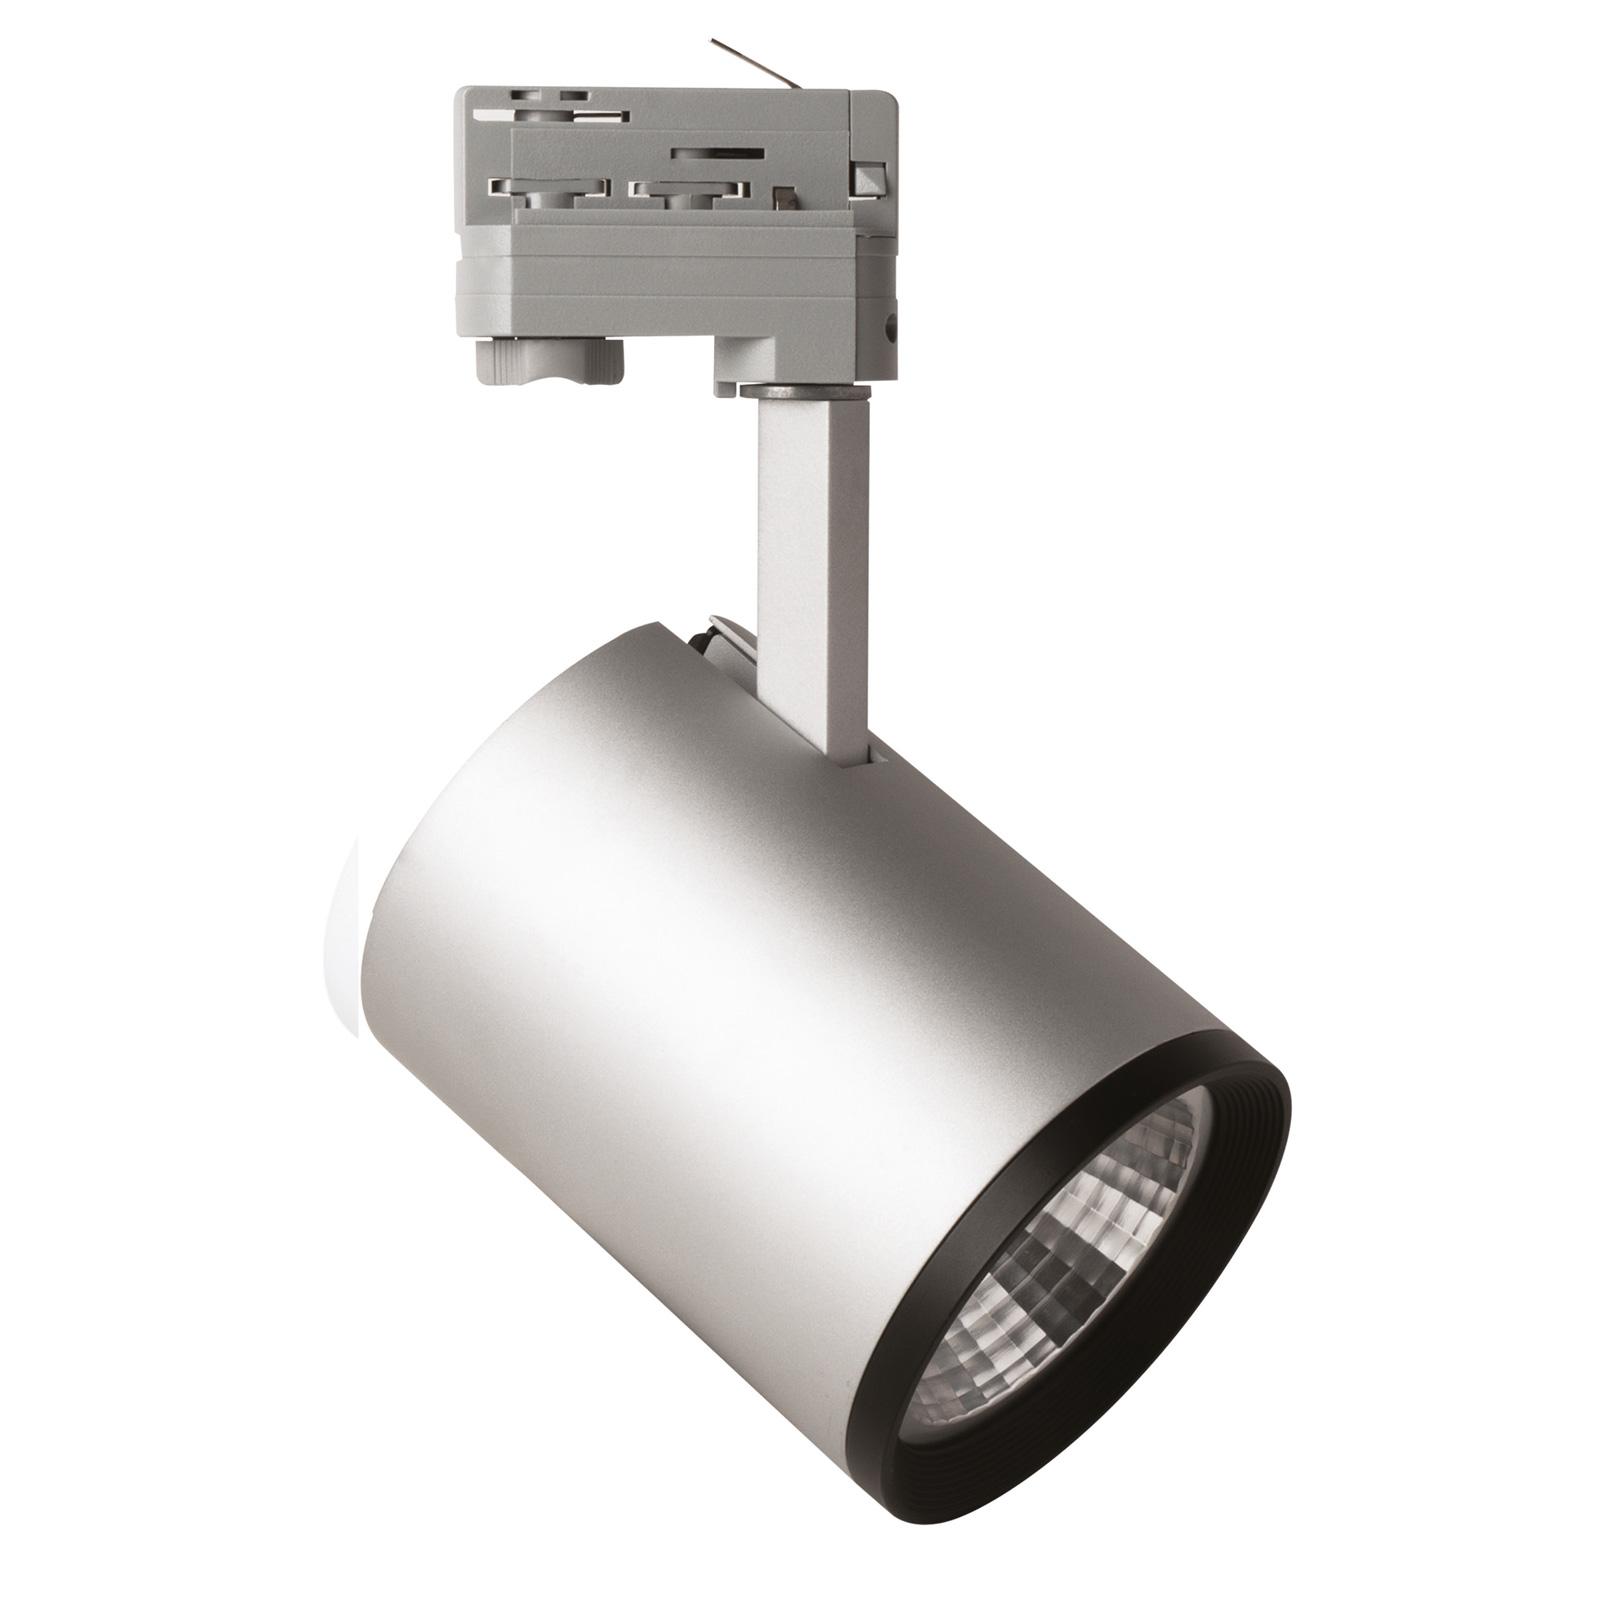 LED-Spot Marco für 3-Phasen-Schiene silber 4.000K